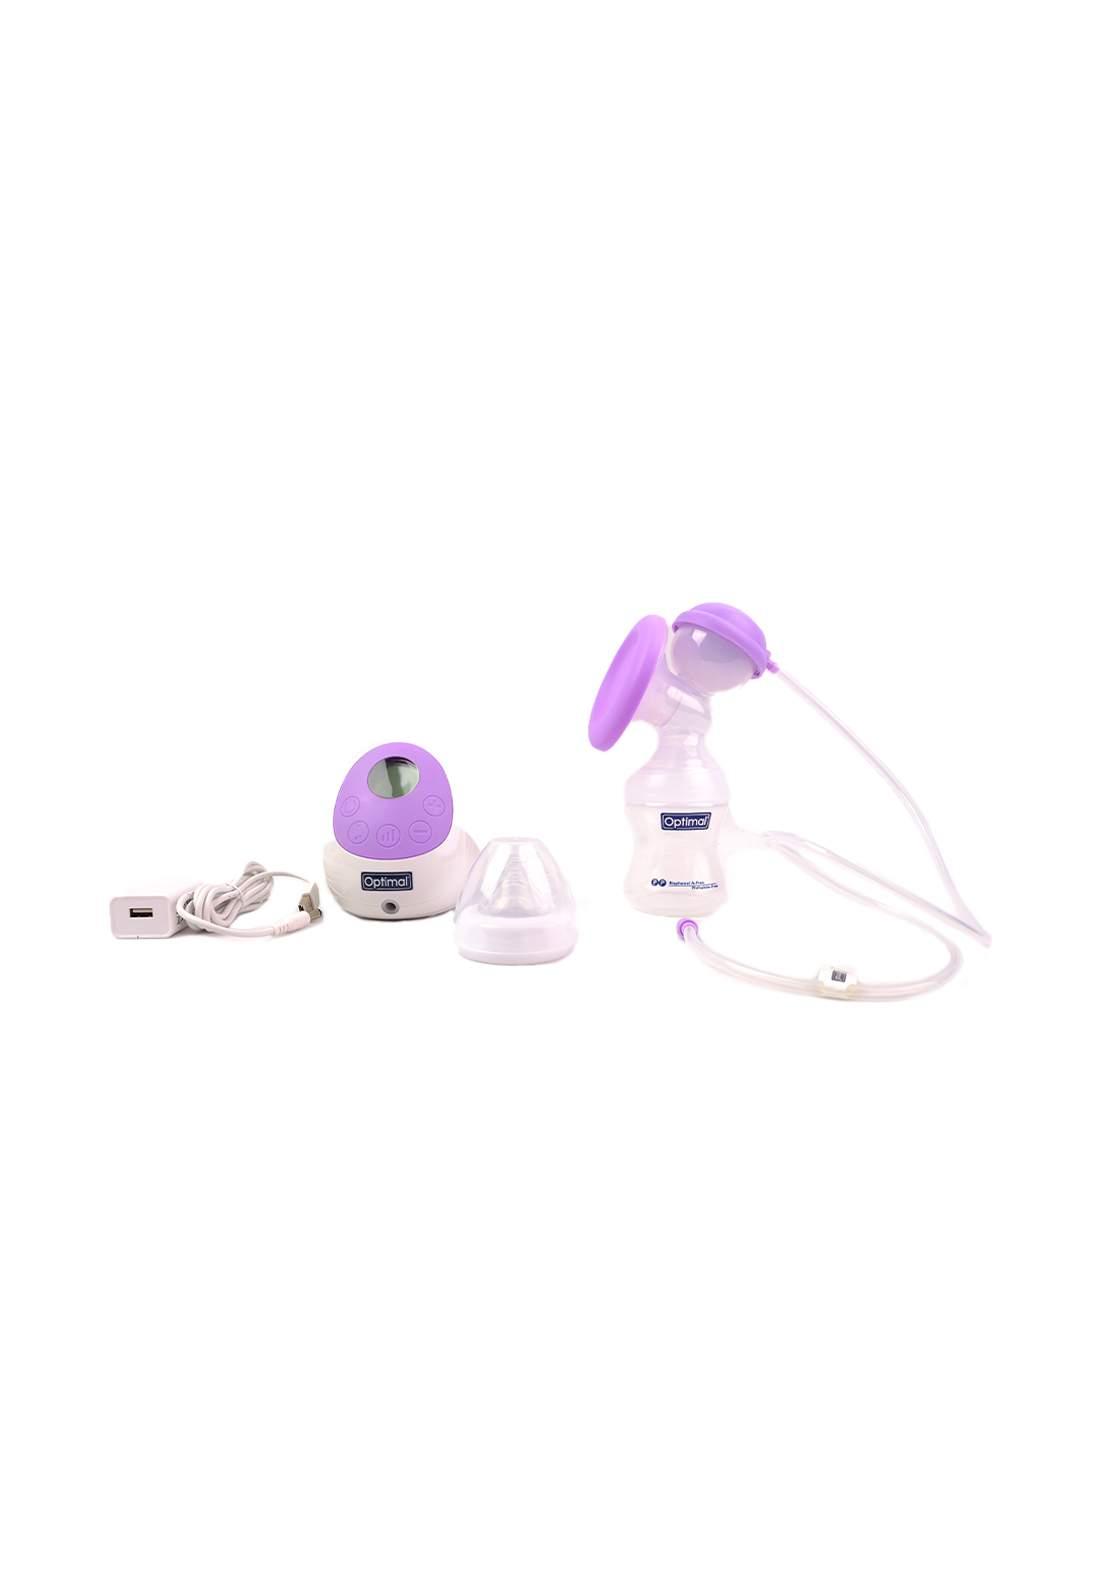 Optimal Electric Breast Pump مضخة حليب كهربائية